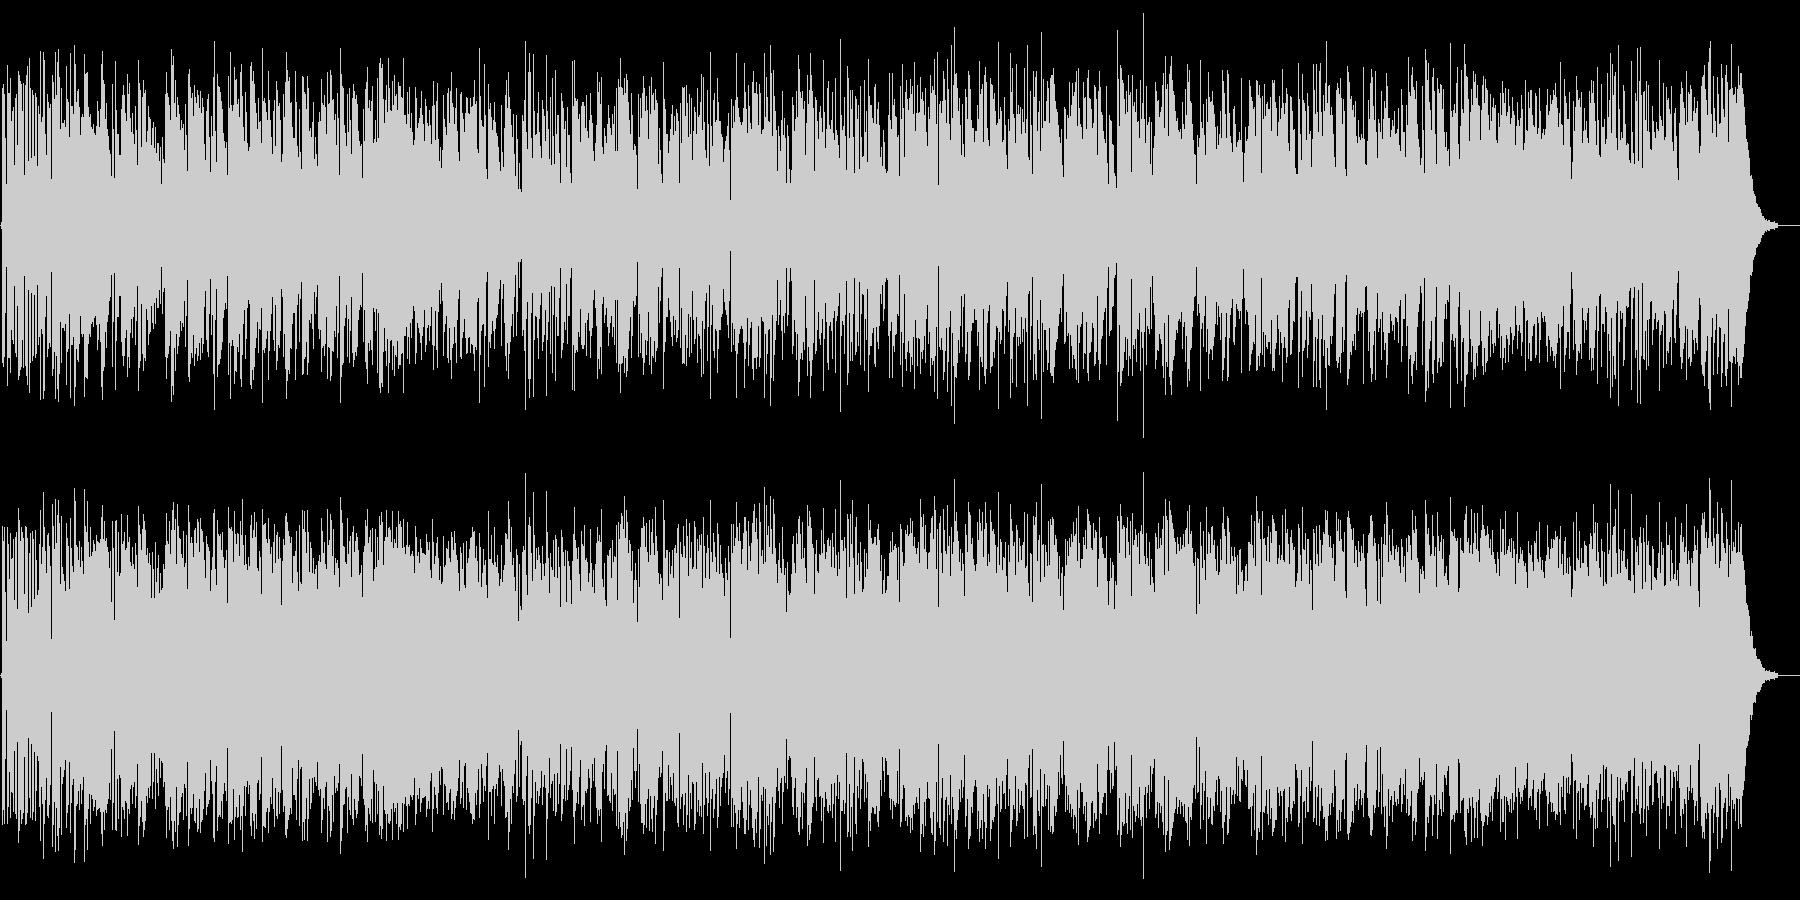 「タイス」の瞑想曲Jazzの未再生の波形